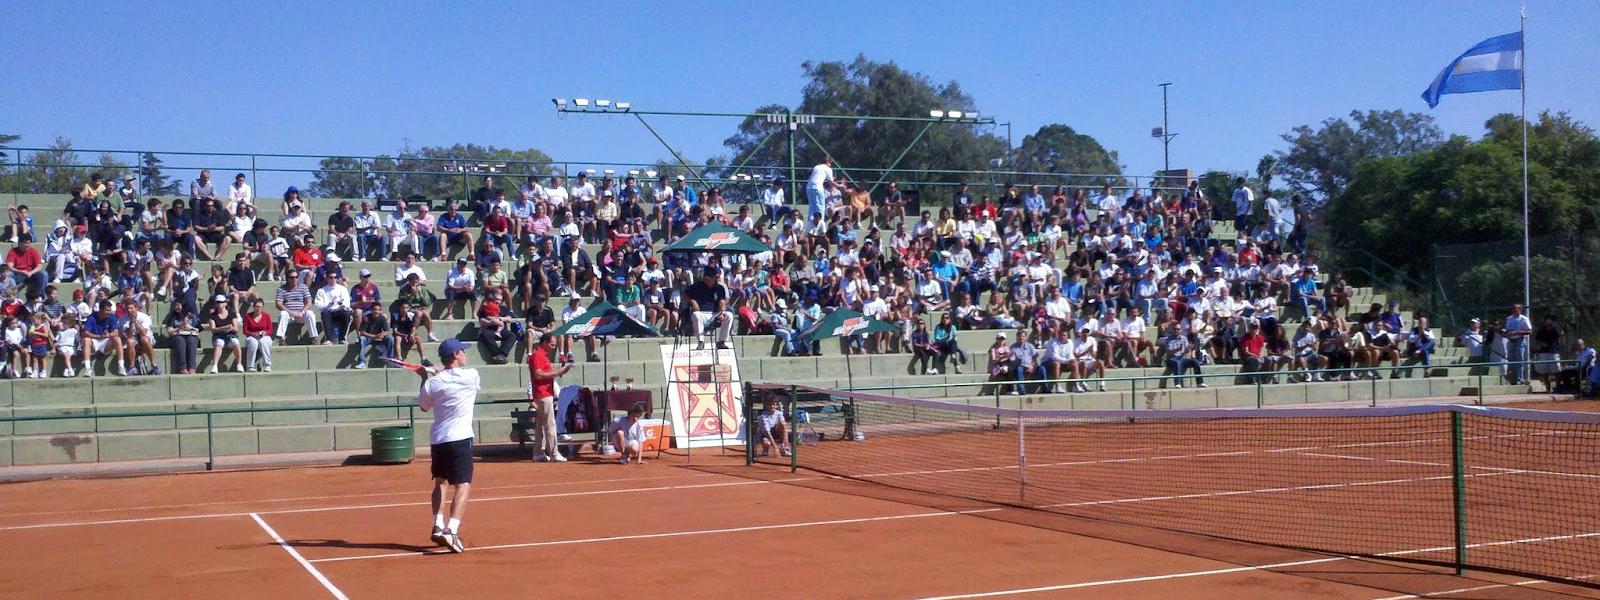 TENIS: El Córdoba Lawn Tenis, entre los cuatro clubes que organizaron más y mejores torneos internacionales en el país